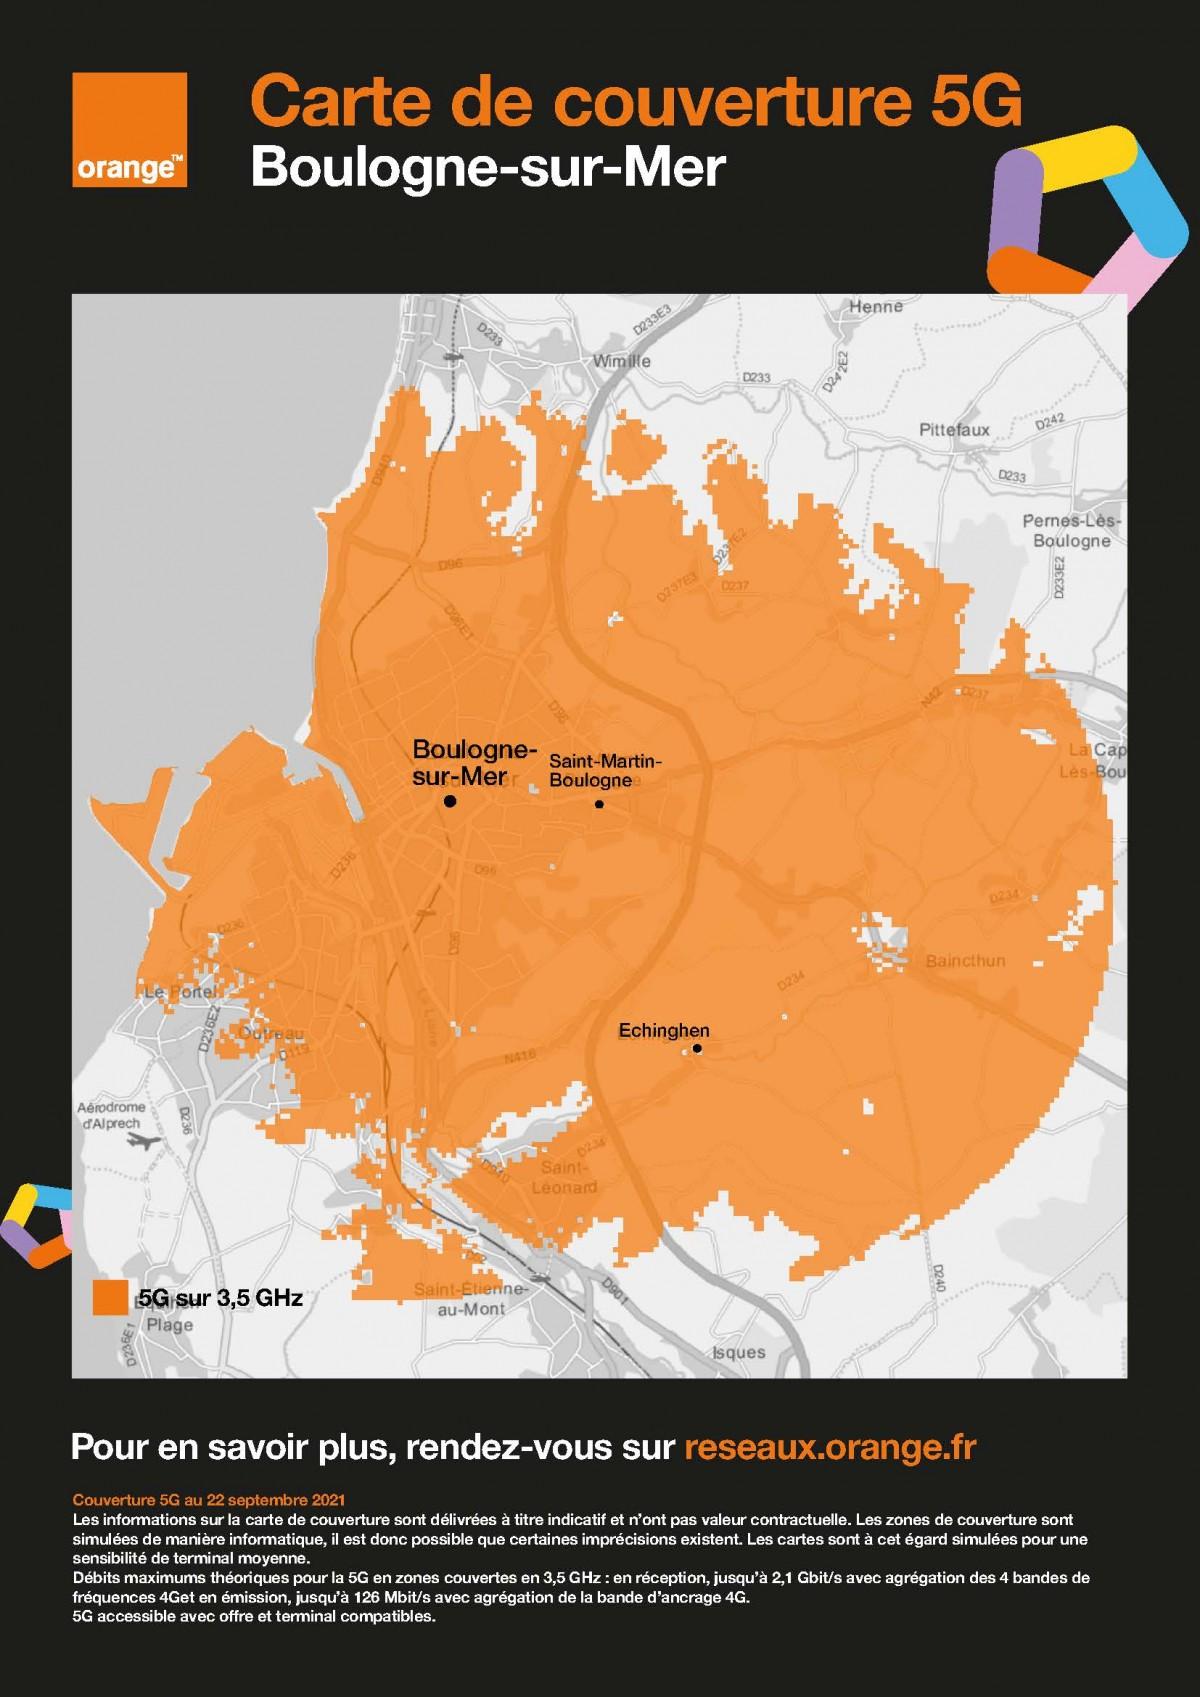 Carte_Couverture_5G_Orange_sept_2021_210922_v12_Boulogne-Mer